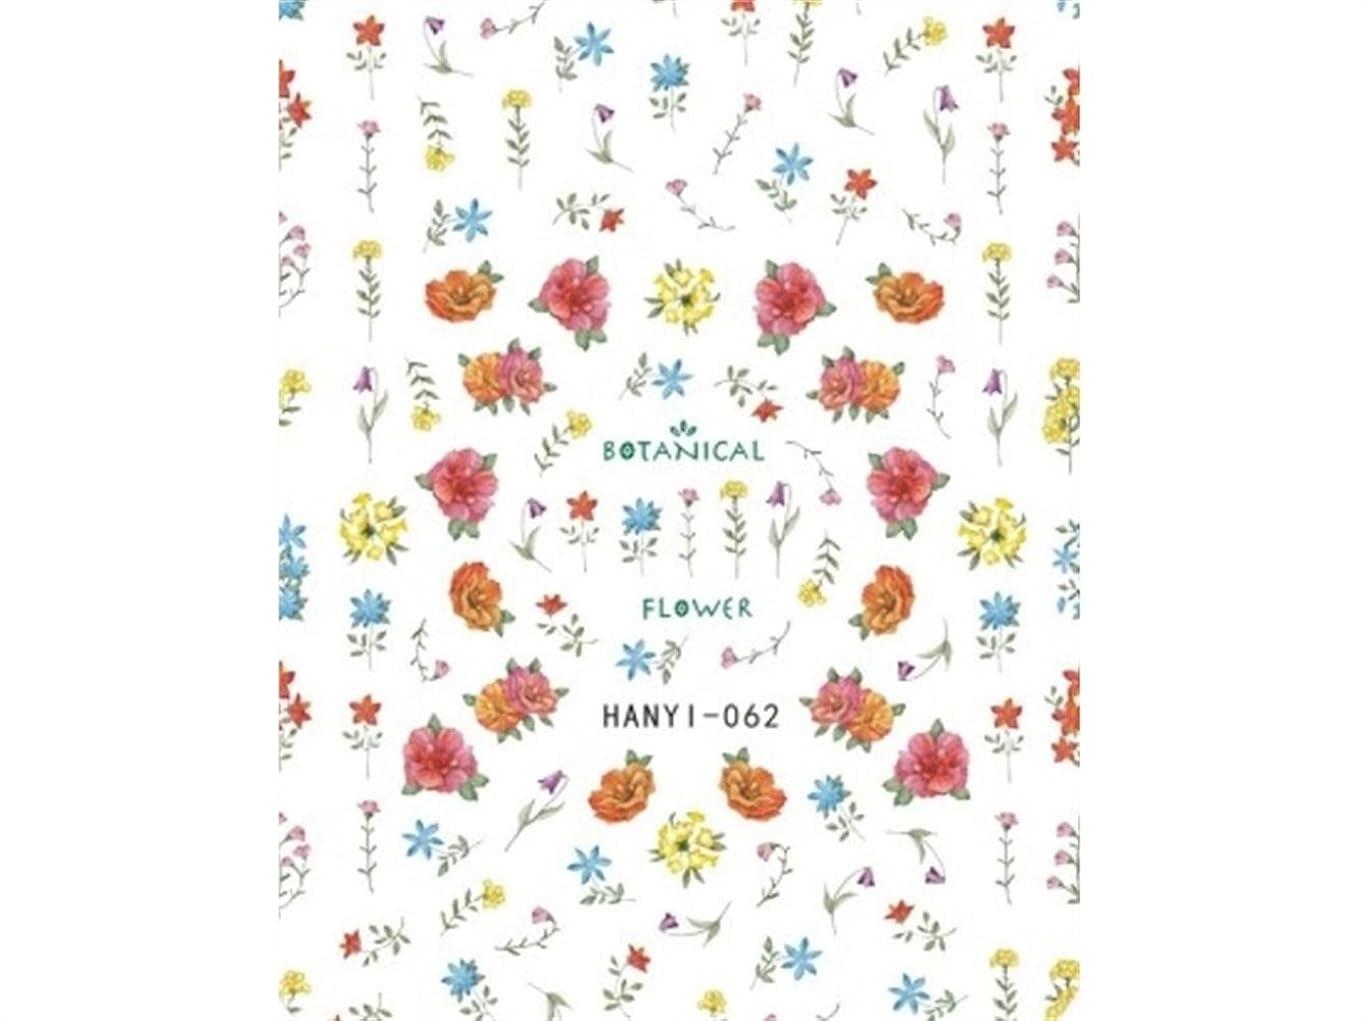 もちろんクアッガ観光に行くOsize ファッションカラフルな花ネイルアートステッカー水転送ネイルステッカーネイルアクセサリー(示されているように)